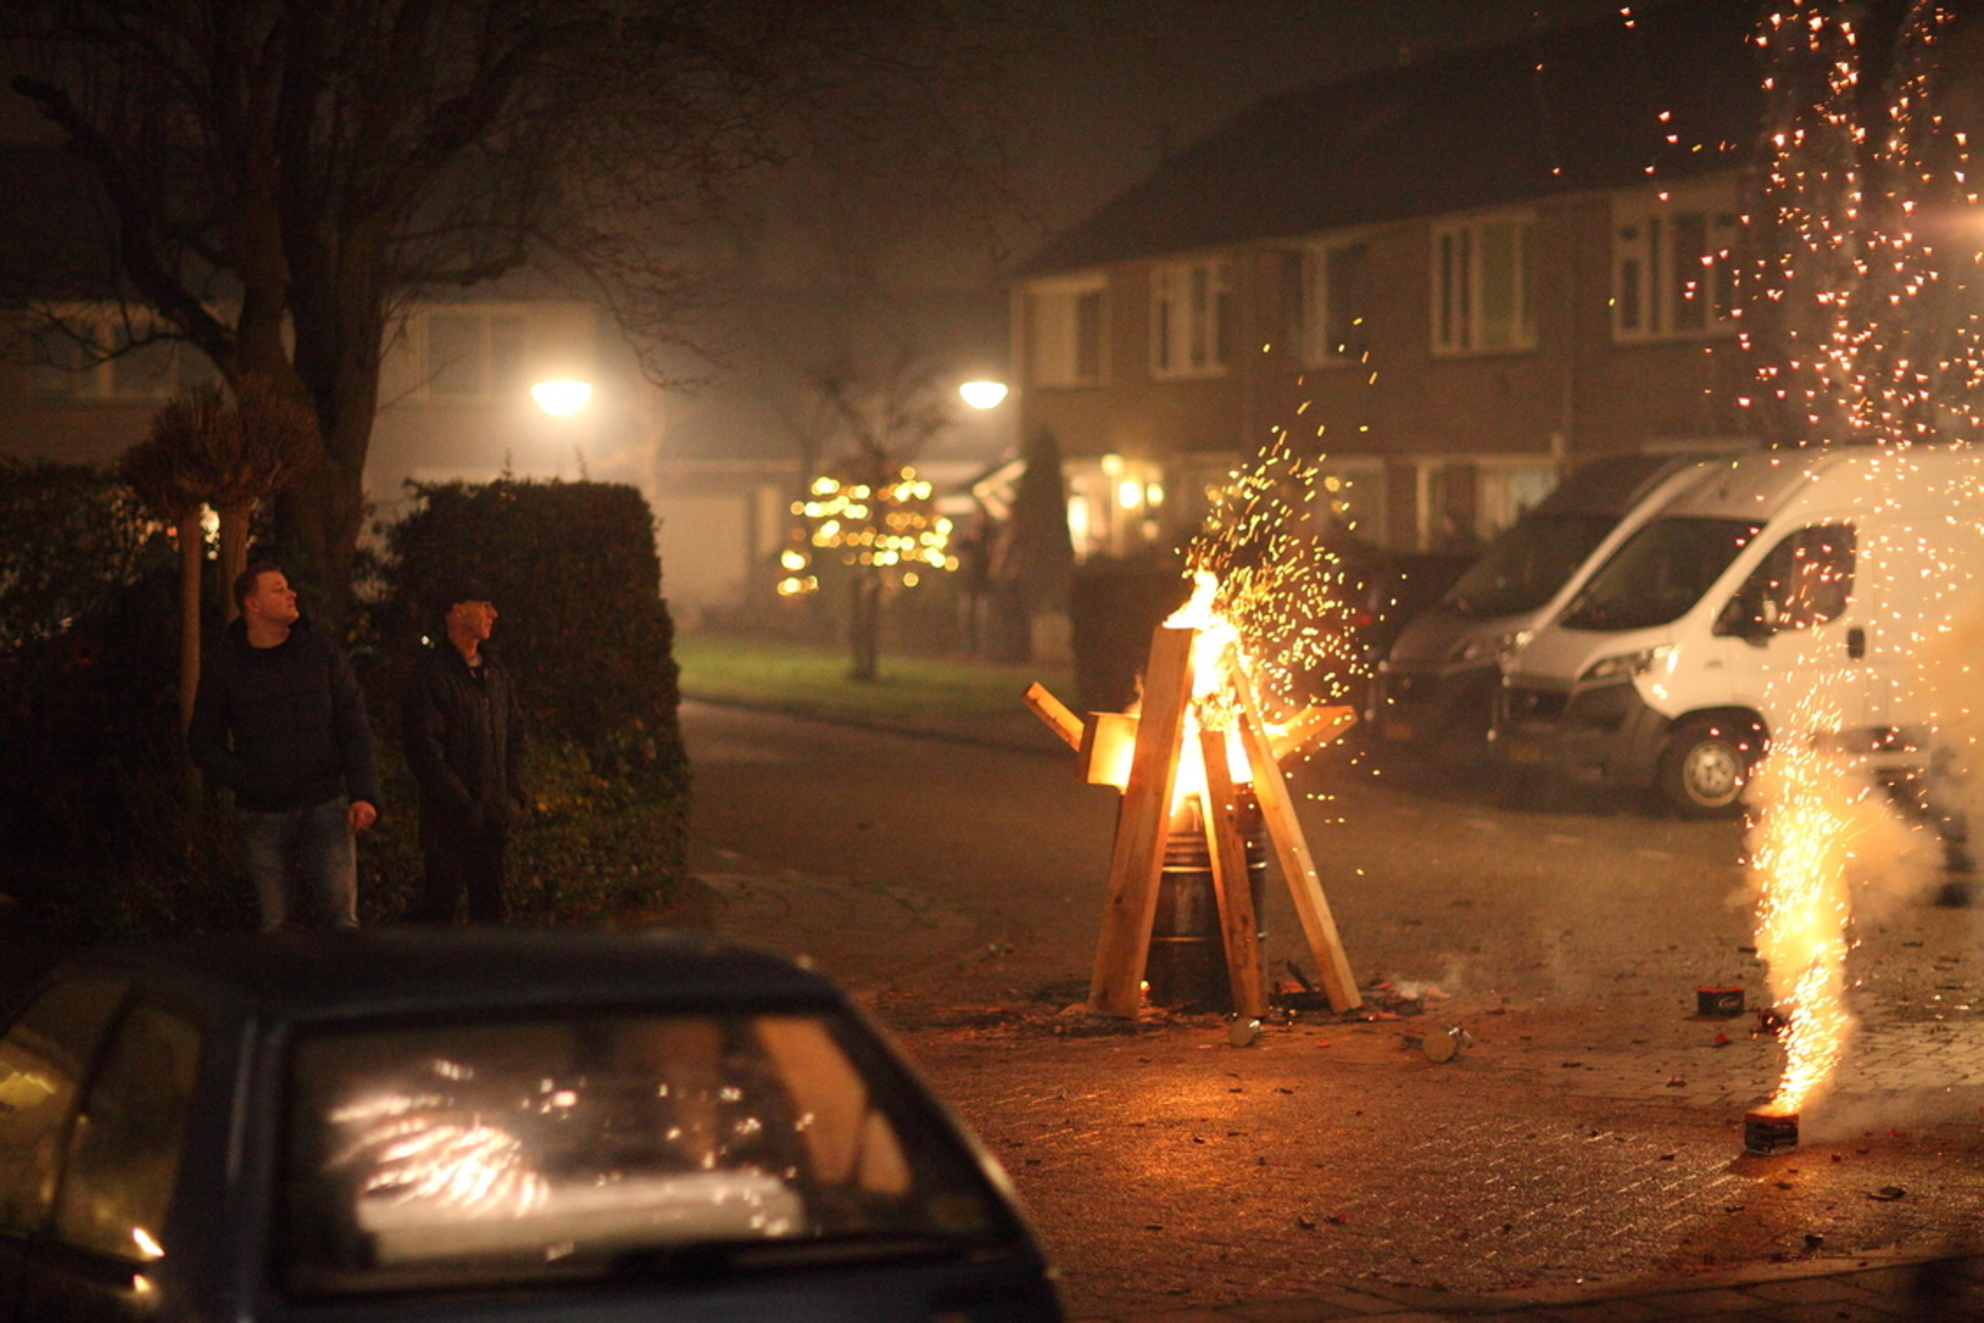 IMG_4375 - Oud en Nieuw '18/'19 - foto door Sander_van_Dijk op 03-01-2019 - deze foto bevat: nieuwjaar, zoomnluitdaging - Deze foto mag gebruikt worden in een Zoom.nl publicatie